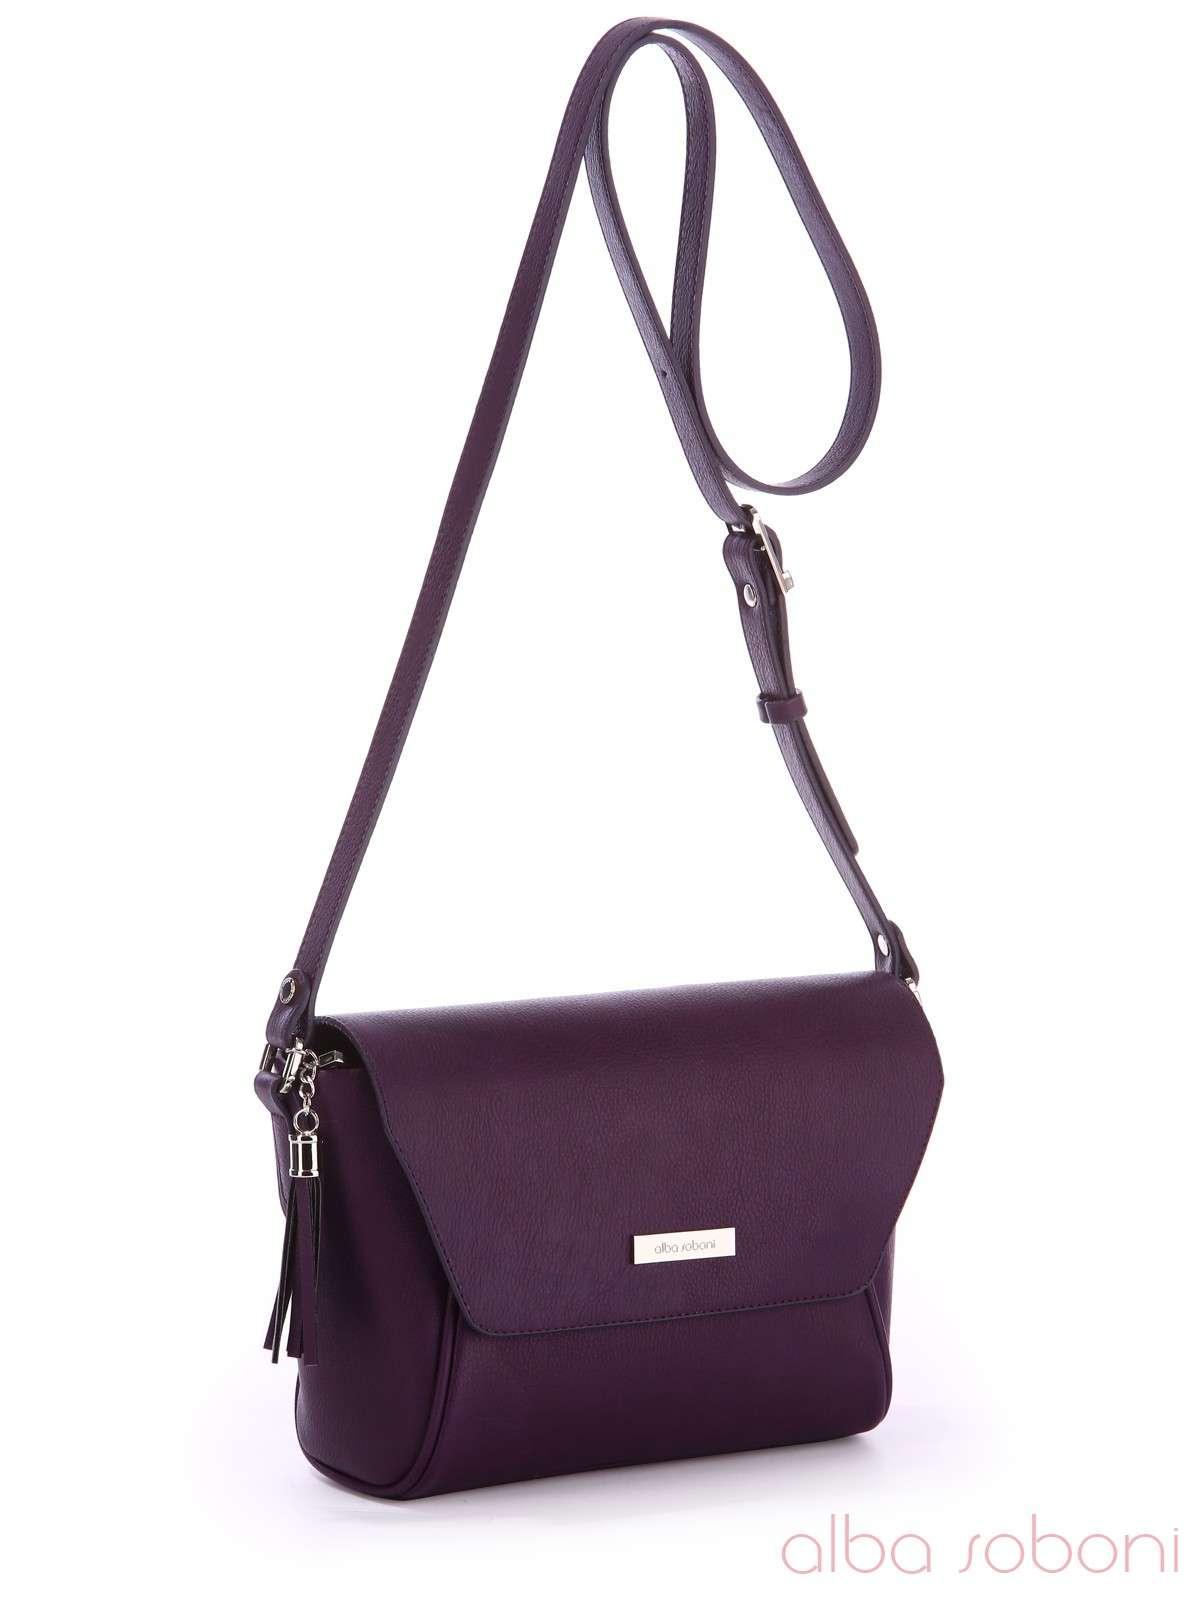 42e262cf36ca Новинка! Молодежная сумка маленькая, модель 170097 баклажан, купить во  Львове.